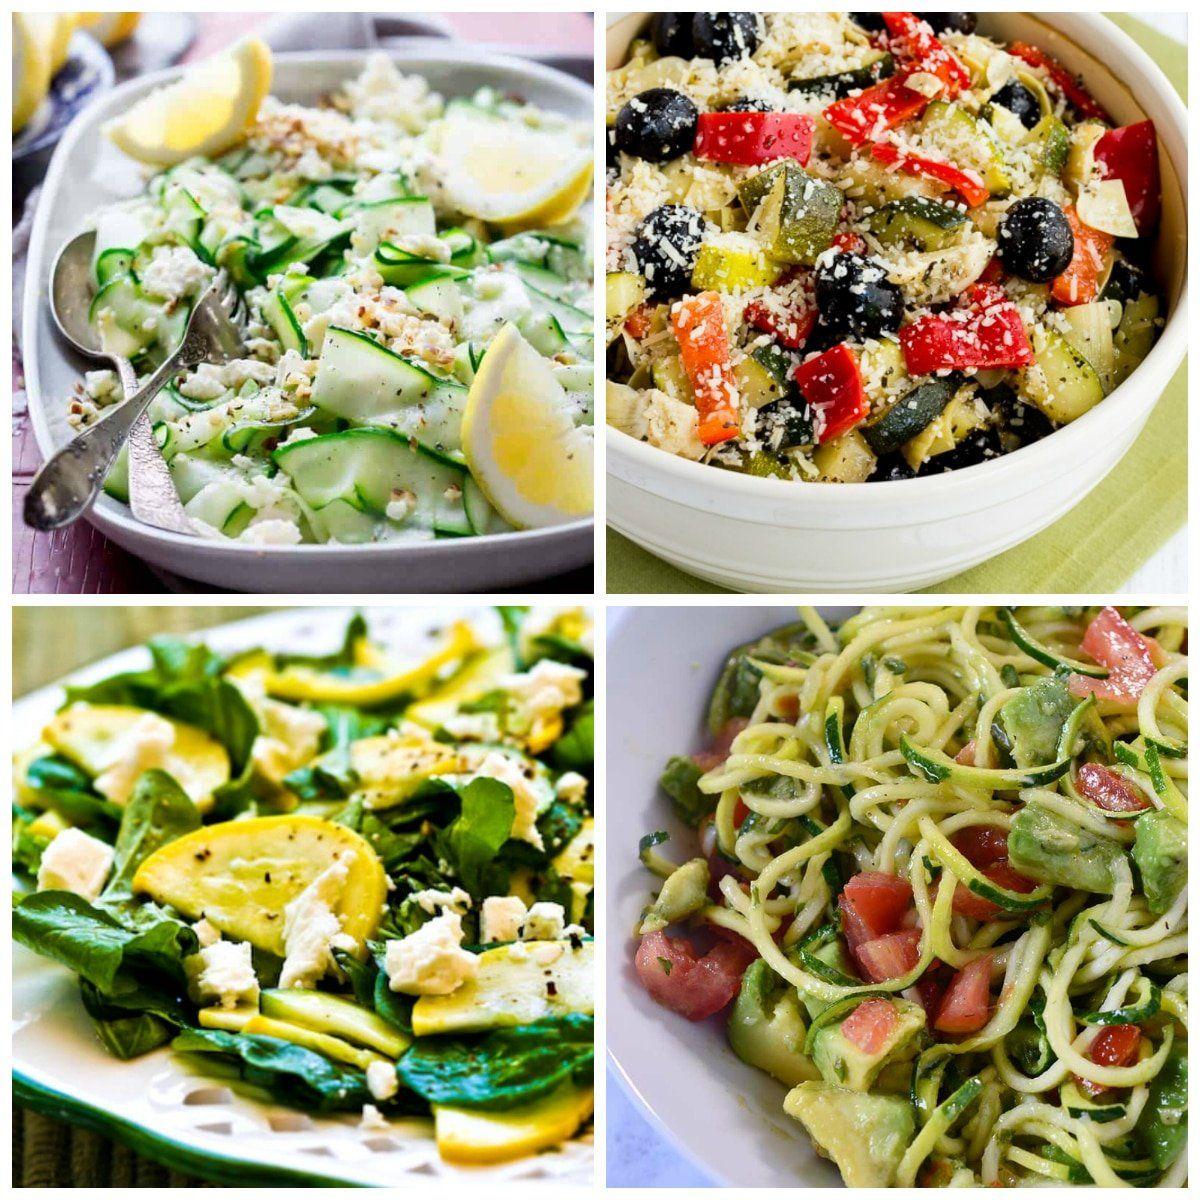 Ensaladas bajas en carbohidratos con calabacín – Kalyn's Kitchen